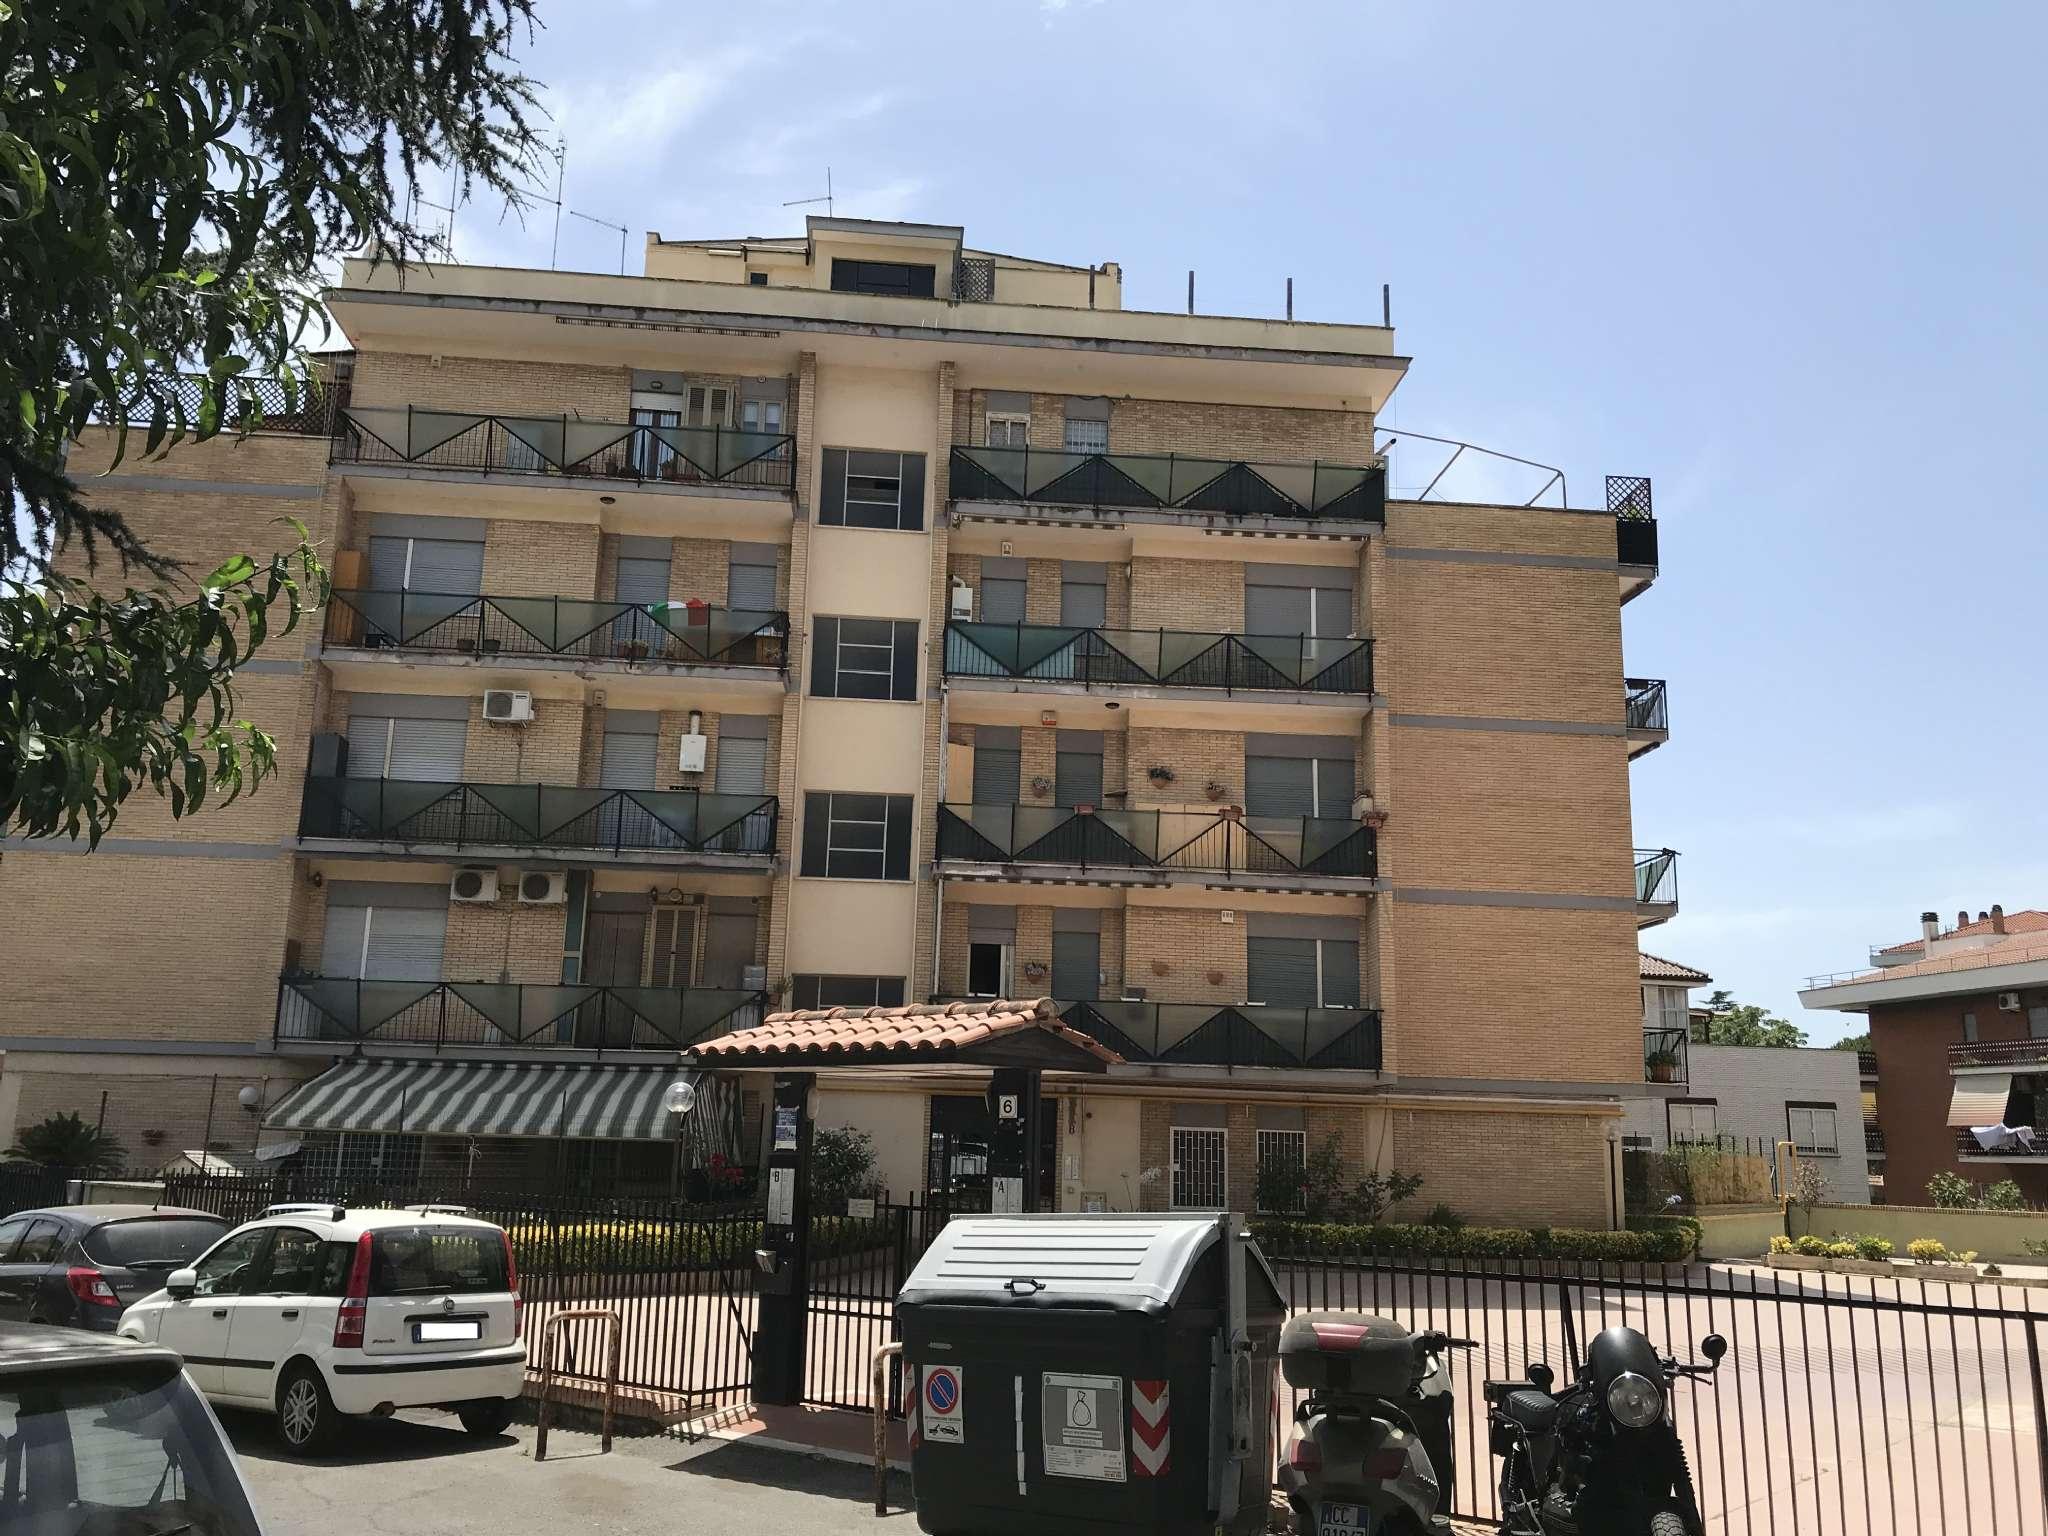 Attico / Mansarda in vendita a Roma, 2 locali, zona Zona: 28 . Torrevecchia - Pineta Sacchetti - Ottavia, prezzo € 149.000 | CambioCasa.it